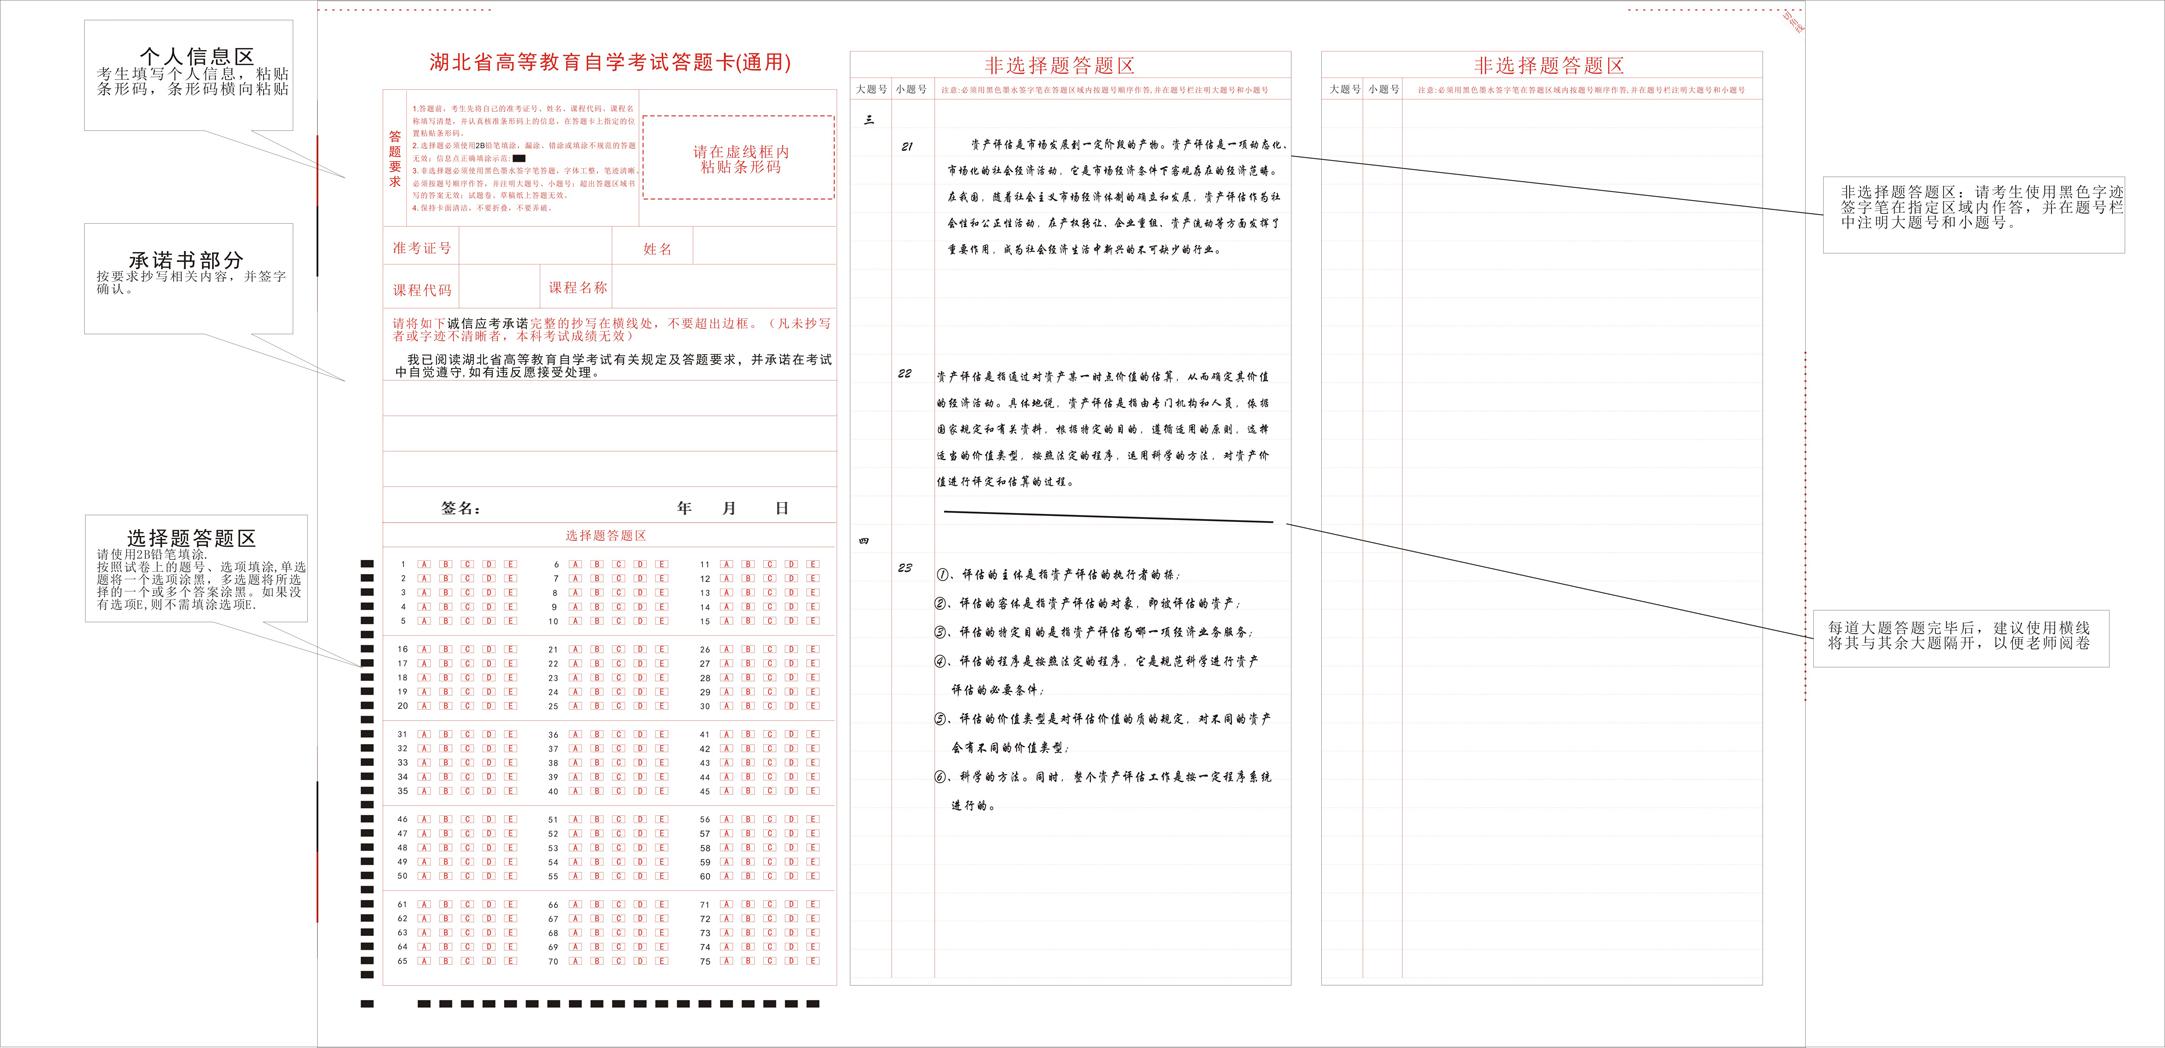 4月起湖北省自考实行网上评卷,答题须规范